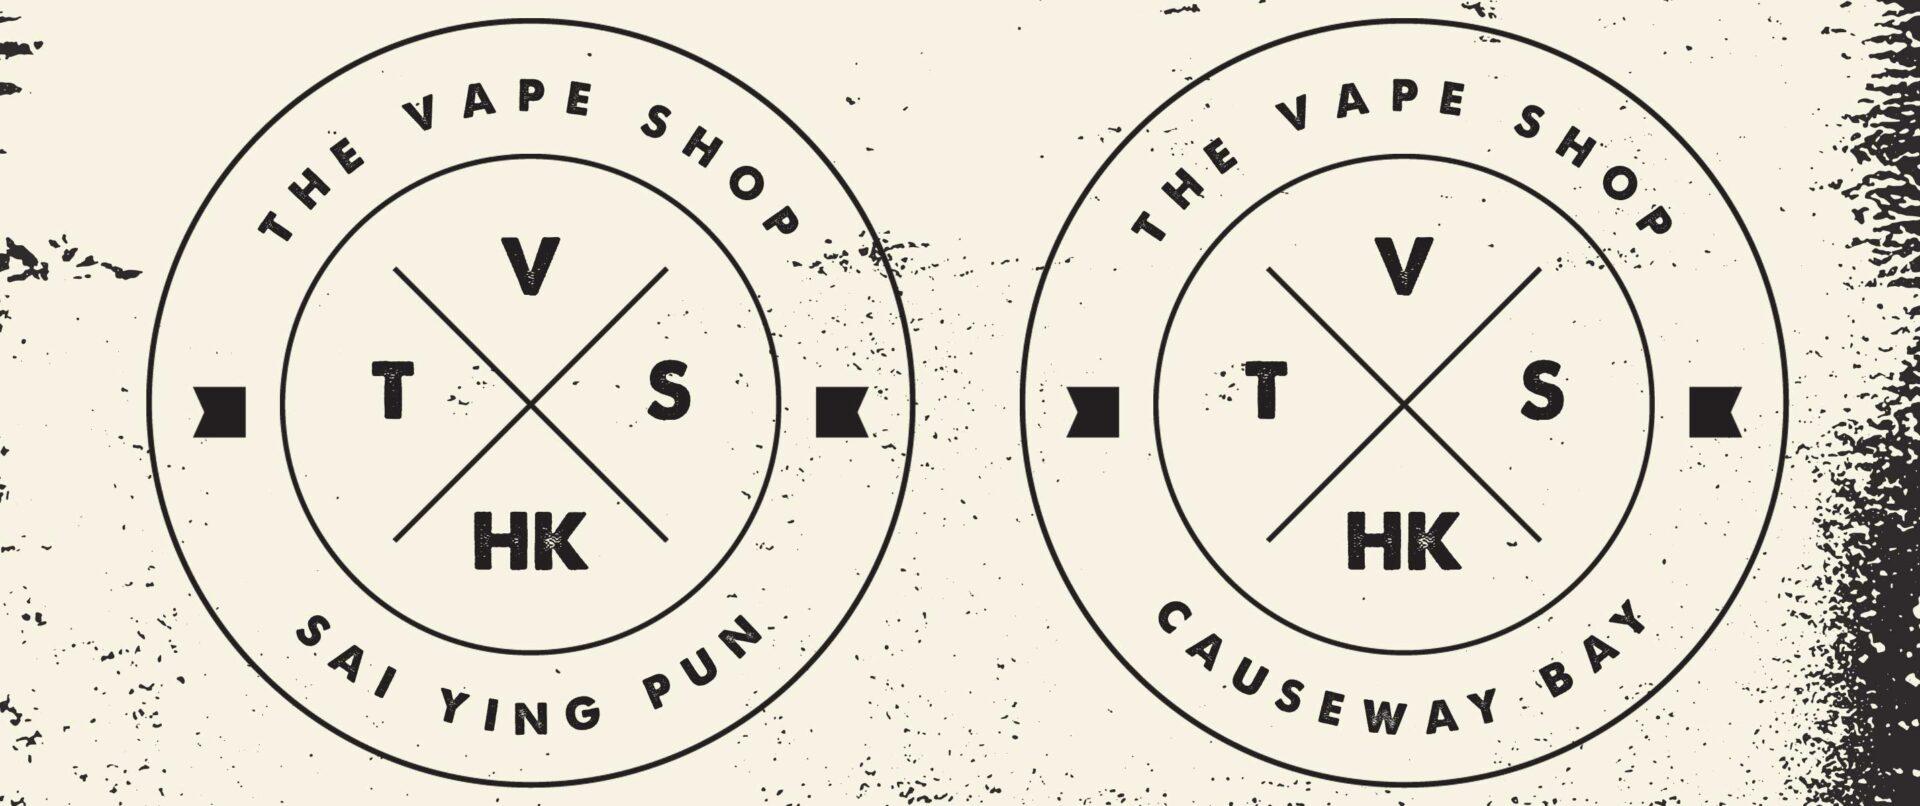 vape shop hong kong logo TVS-logos-website-banner